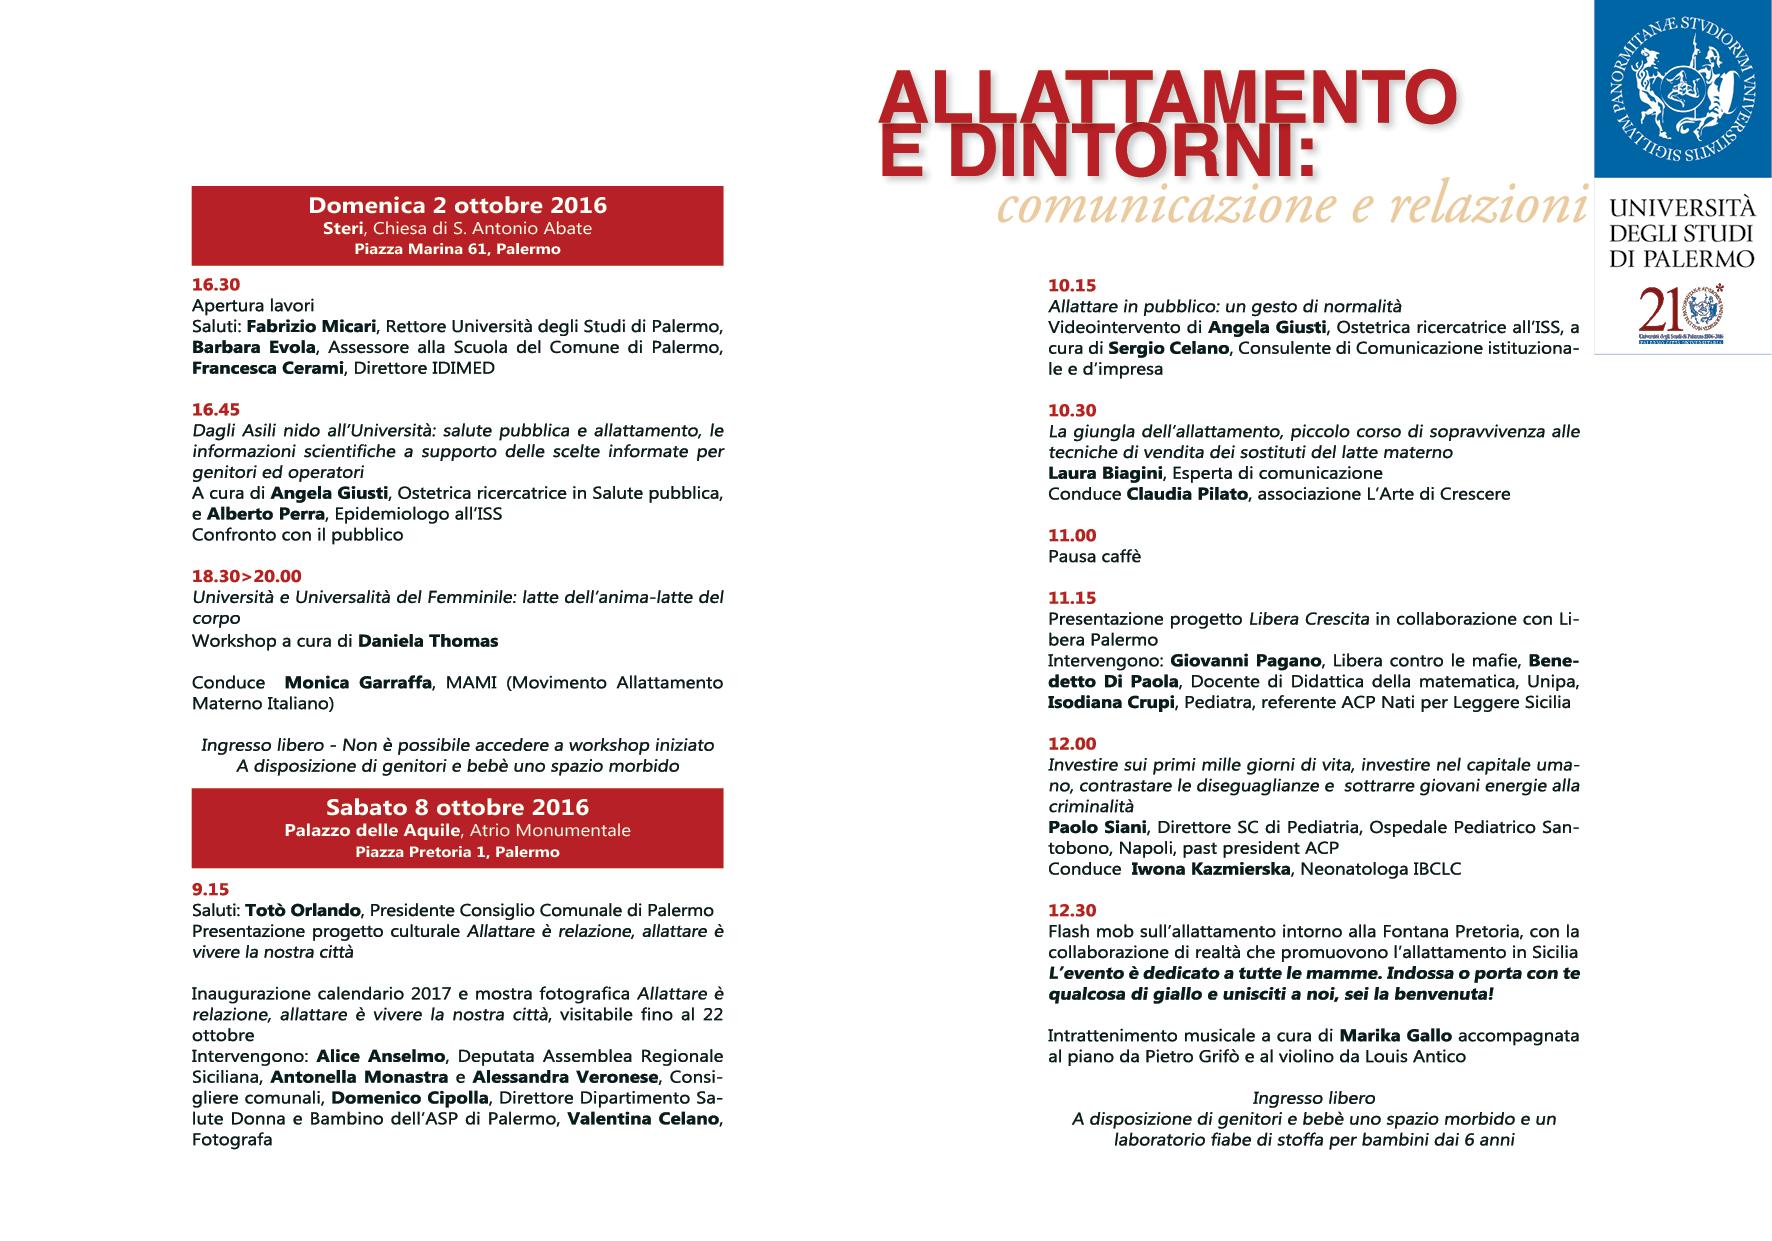 """8 Ottobre Palazzo delle Aquile """"Allattamento e dintorni: comunicazione e relazioni"""